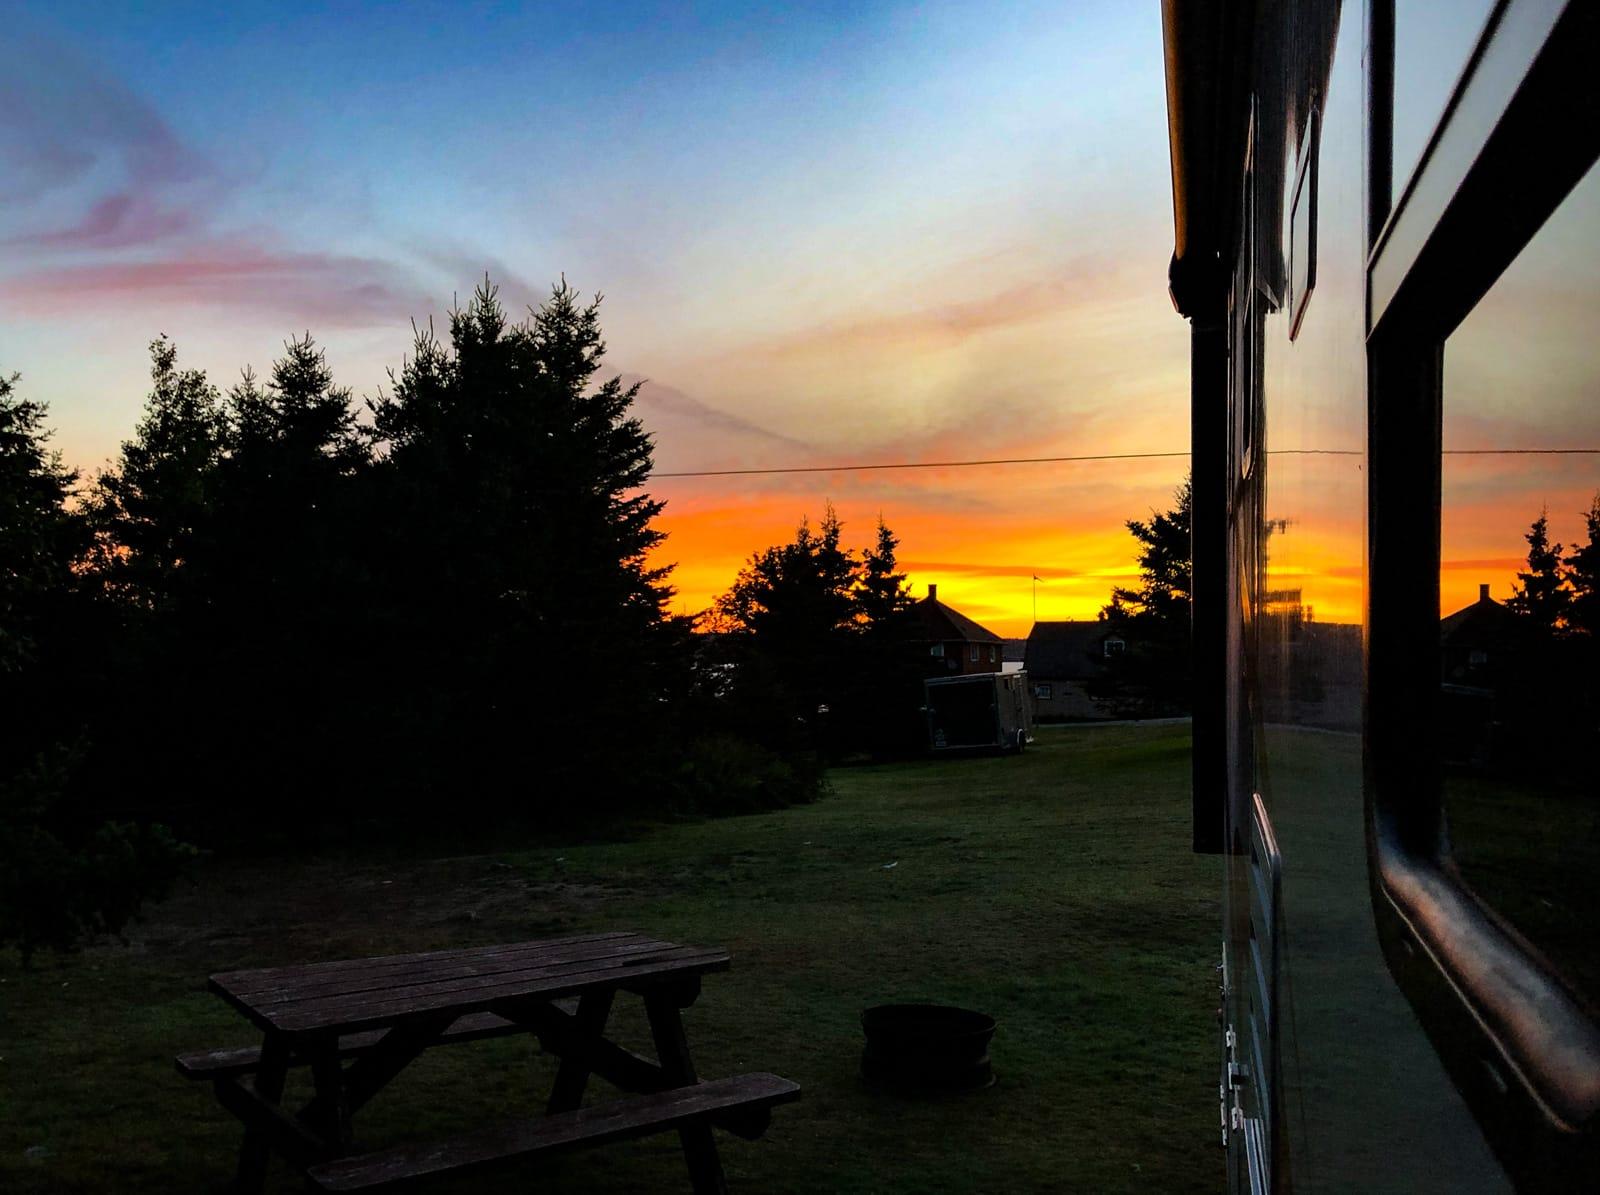 Sonnenaufgang mit Spiegelung im Wohnmobil